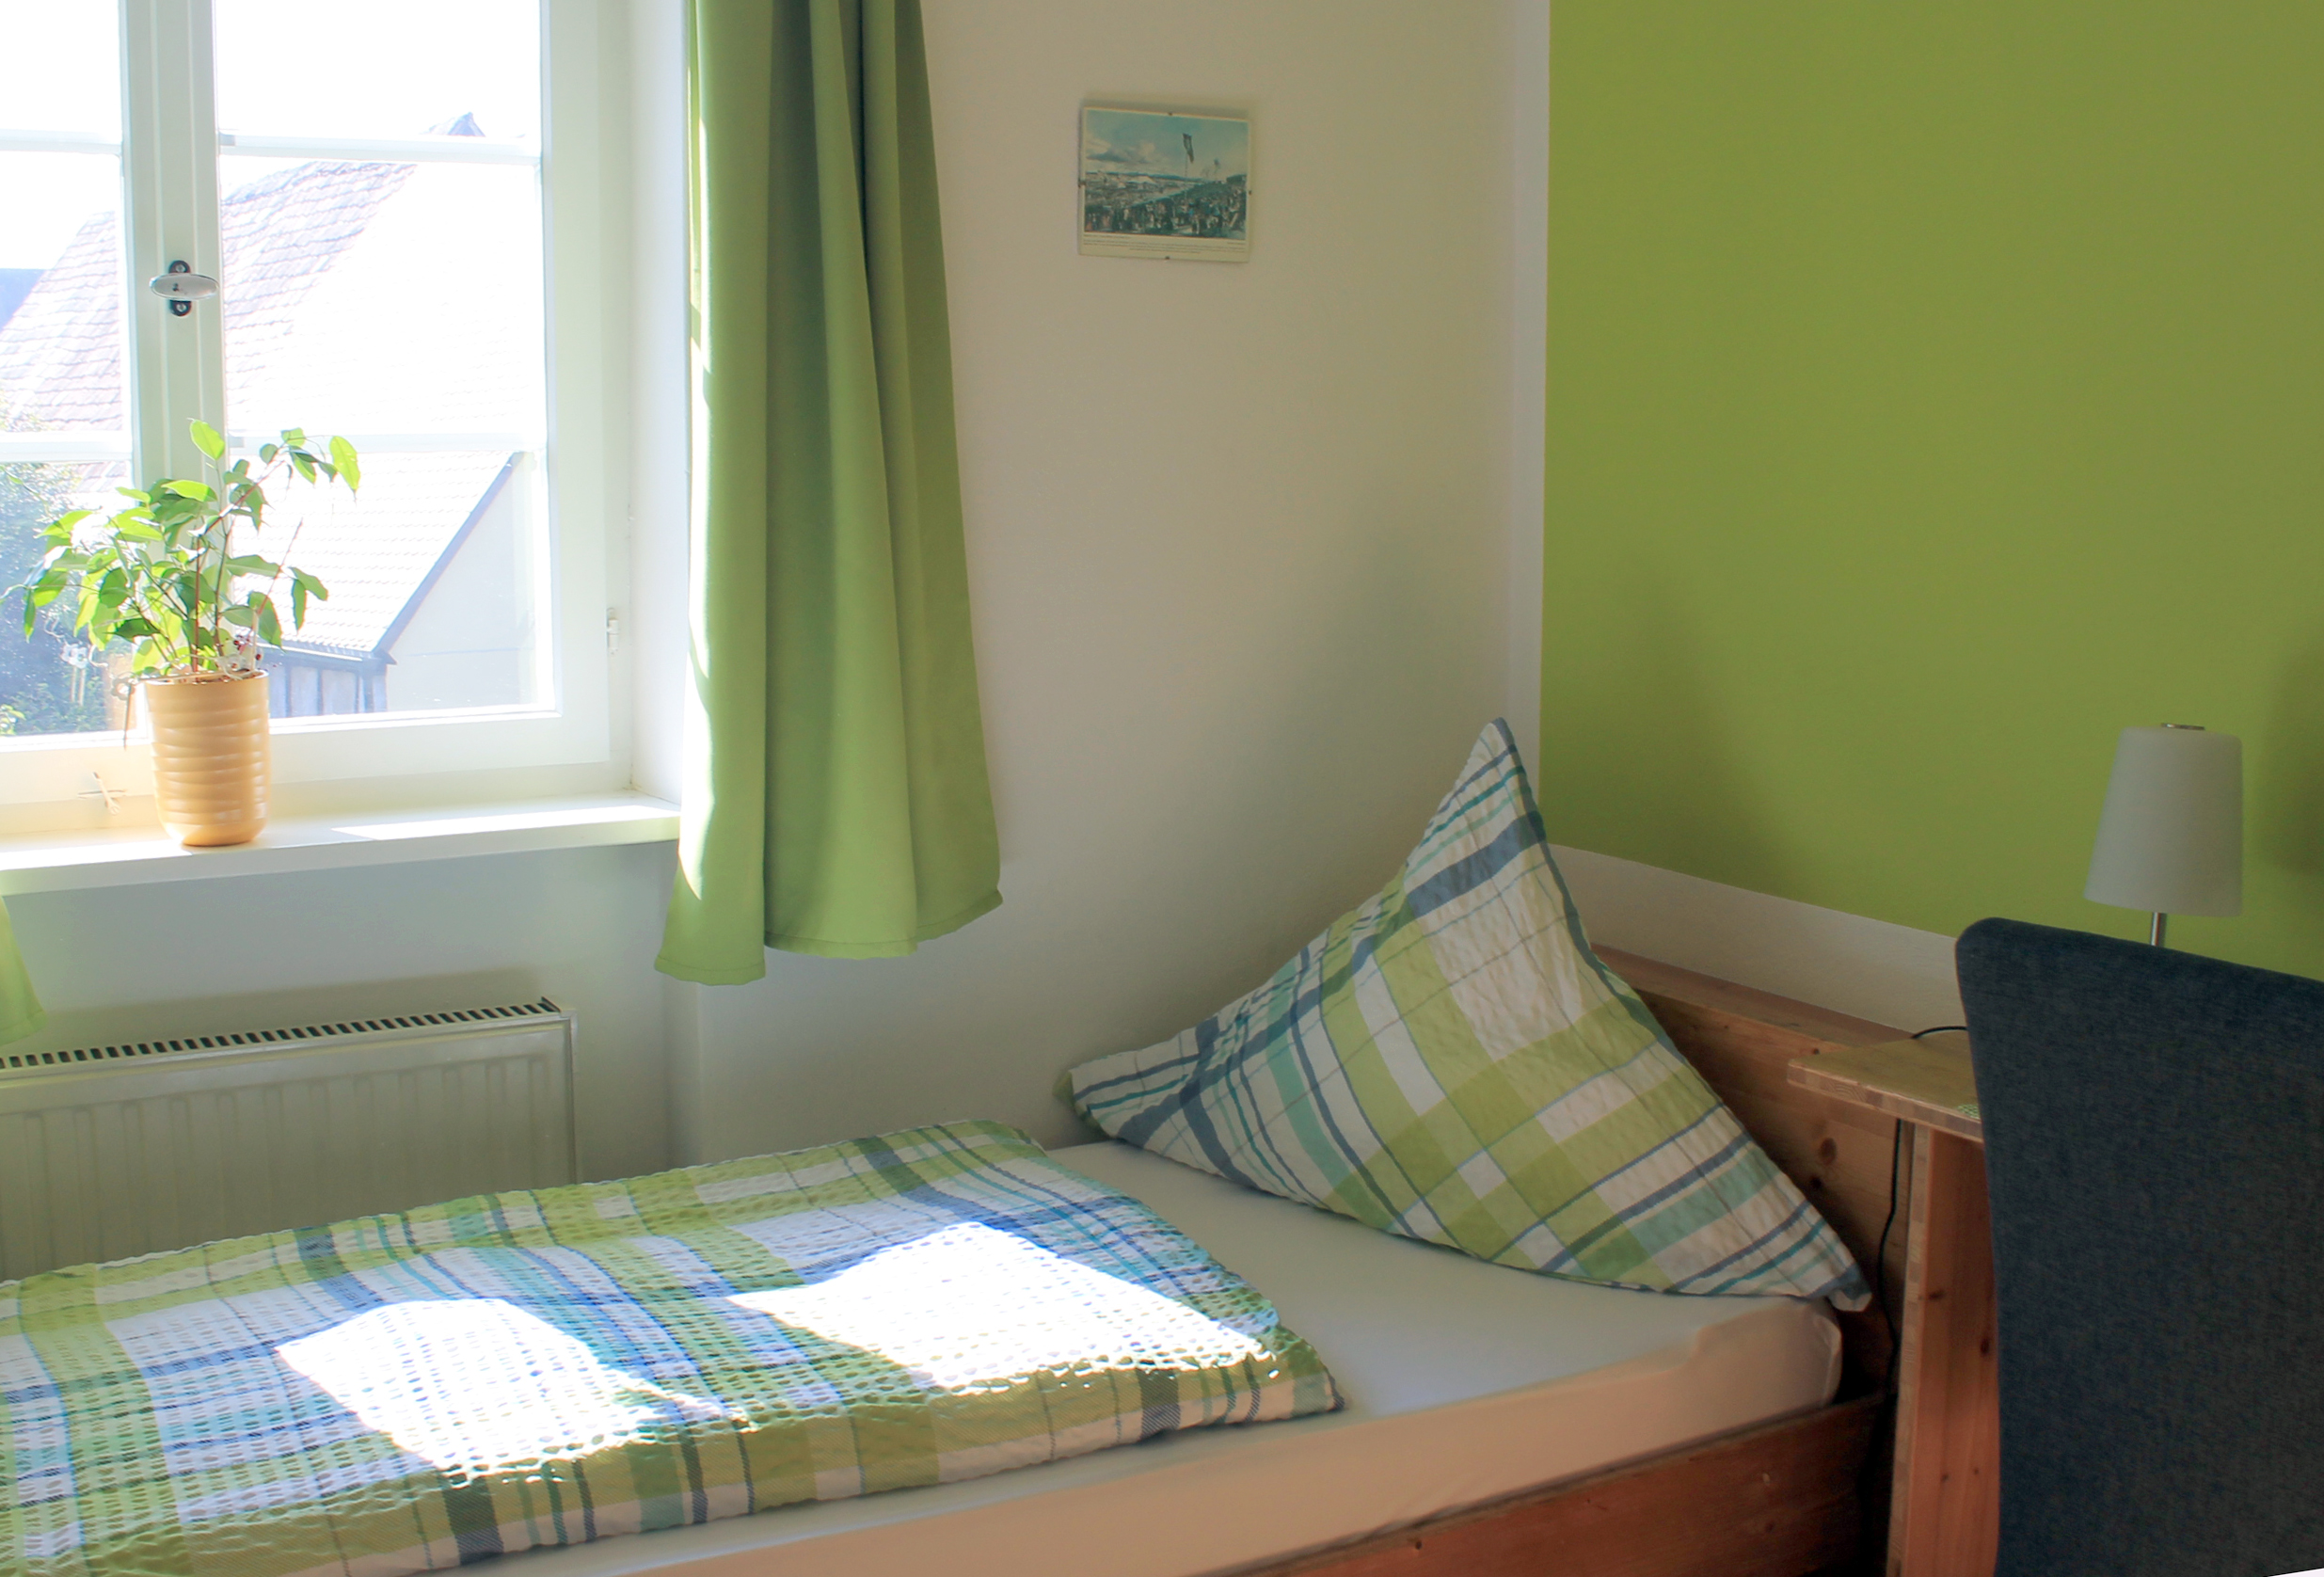 Einzelbett im Zimmer